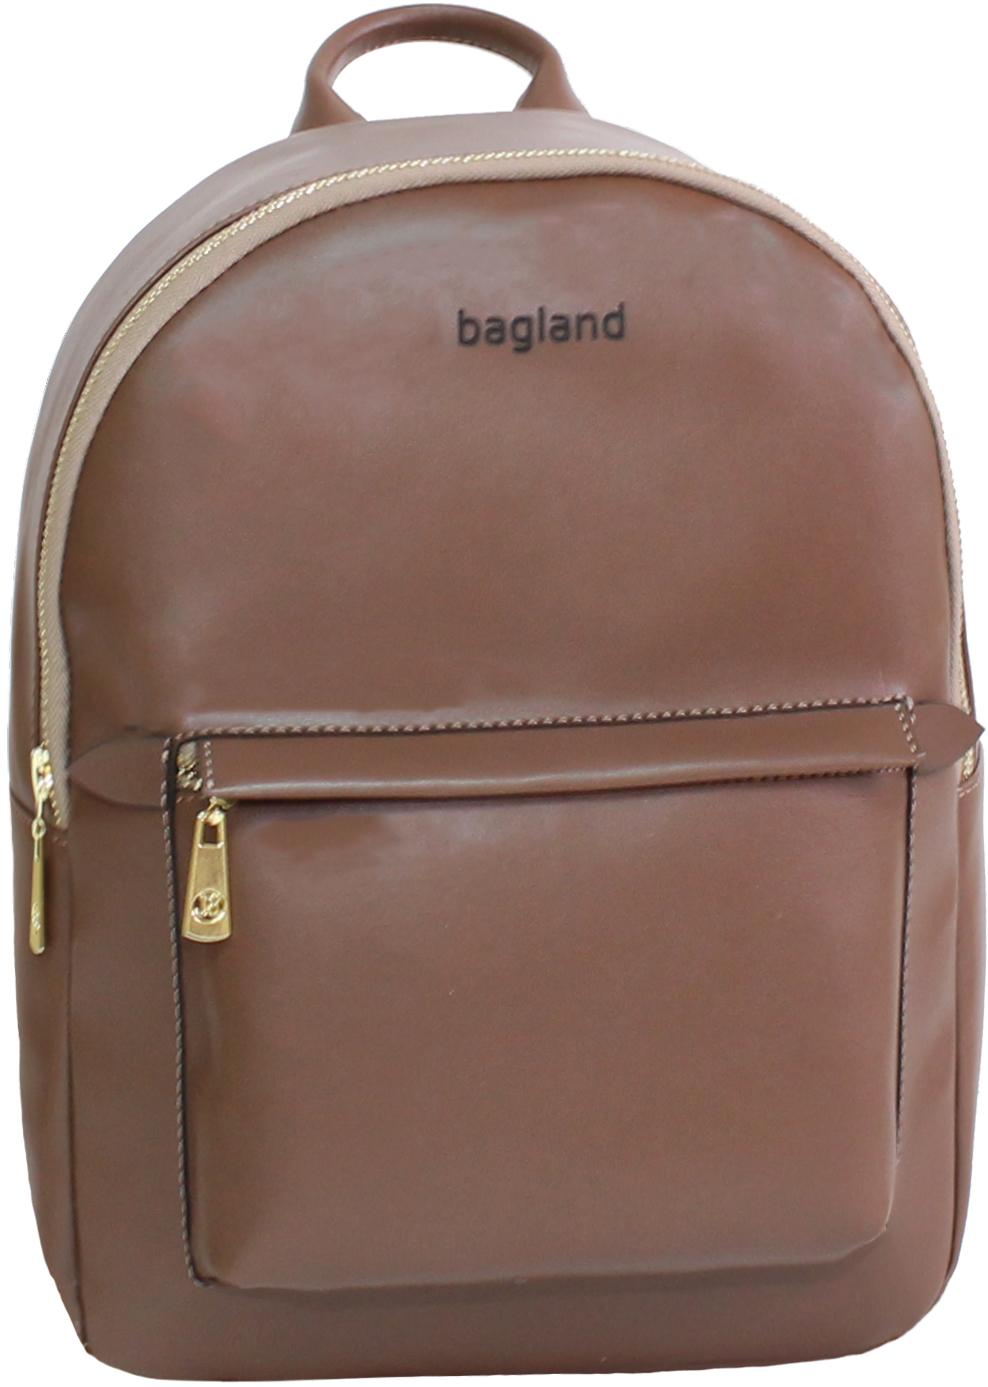 Городские рюкзаки Рюкзак Bagland Linda 6 л. 299 коричневый (0014096) IMG_8892.JPG